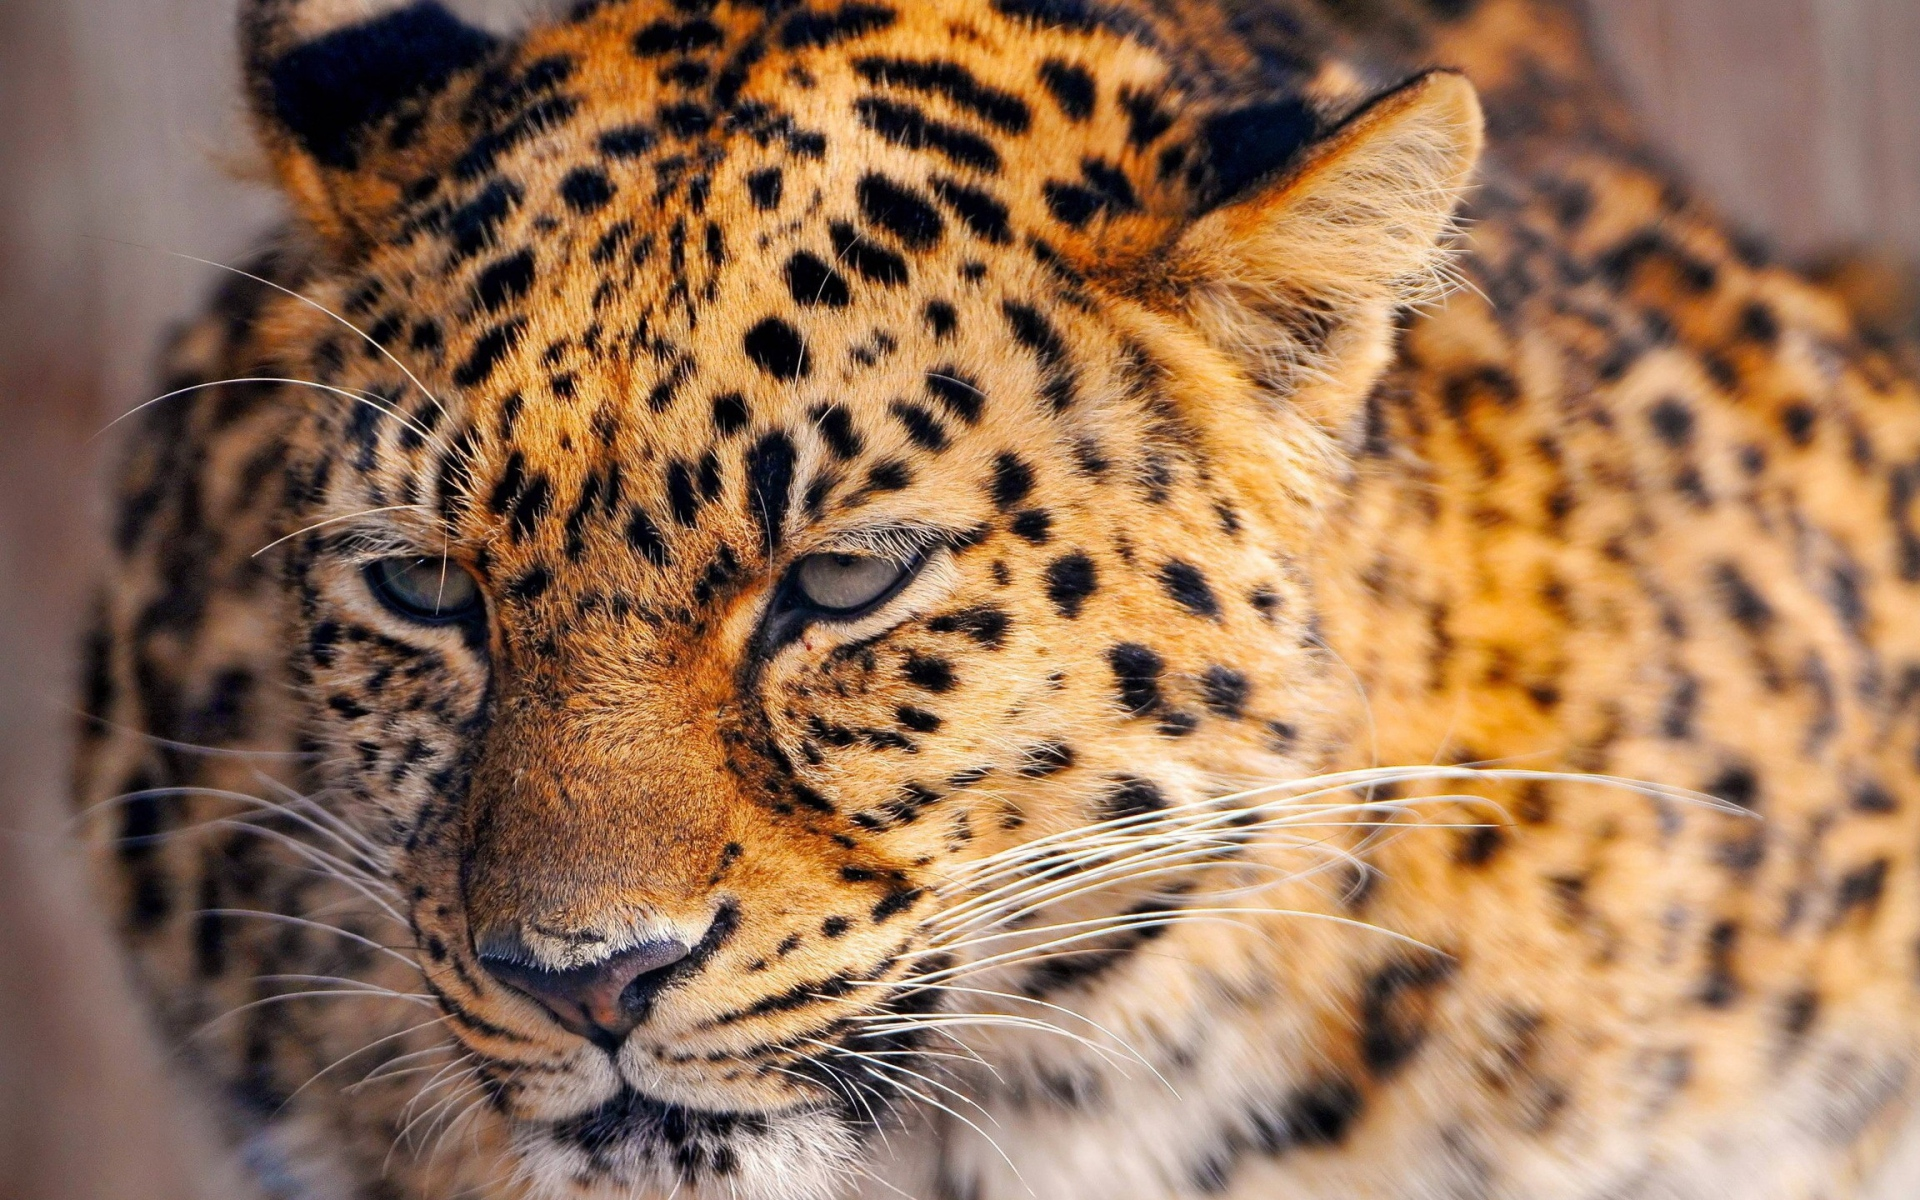 Картинки Леопард, взгляд, усталый, лицо, пятнистый фото и обои на рабочий стол